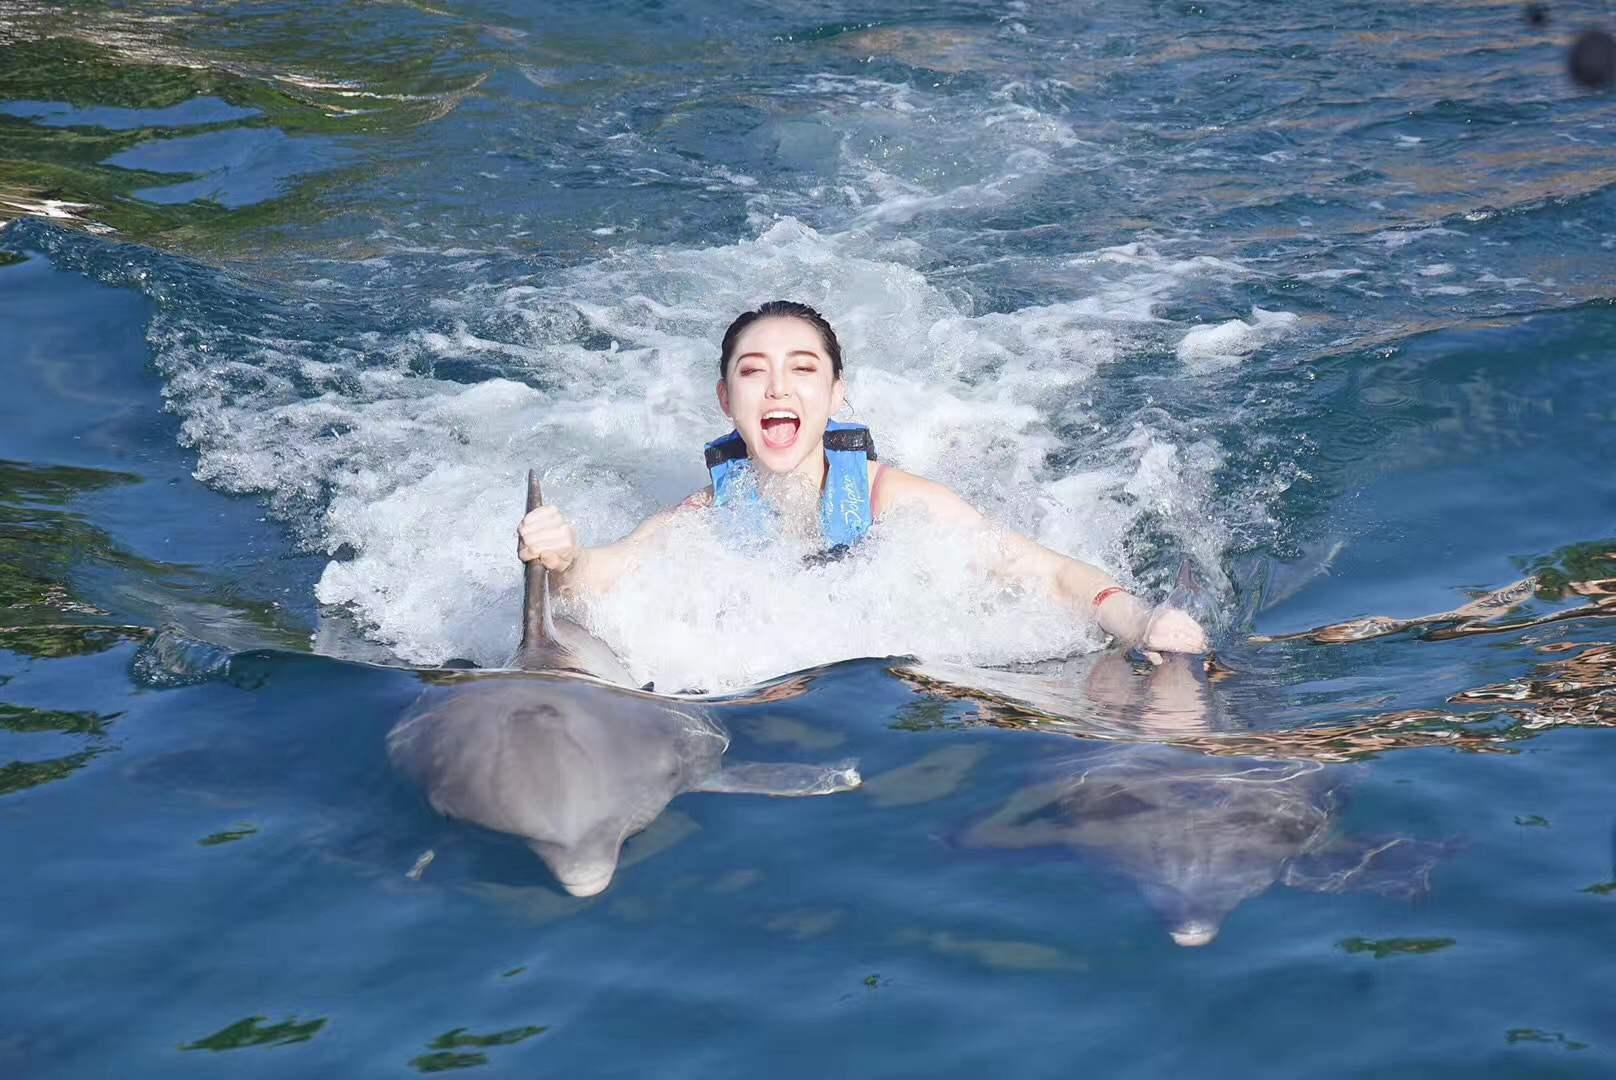 世界旅游小姐李欣桐新年大片 美得不忍直视